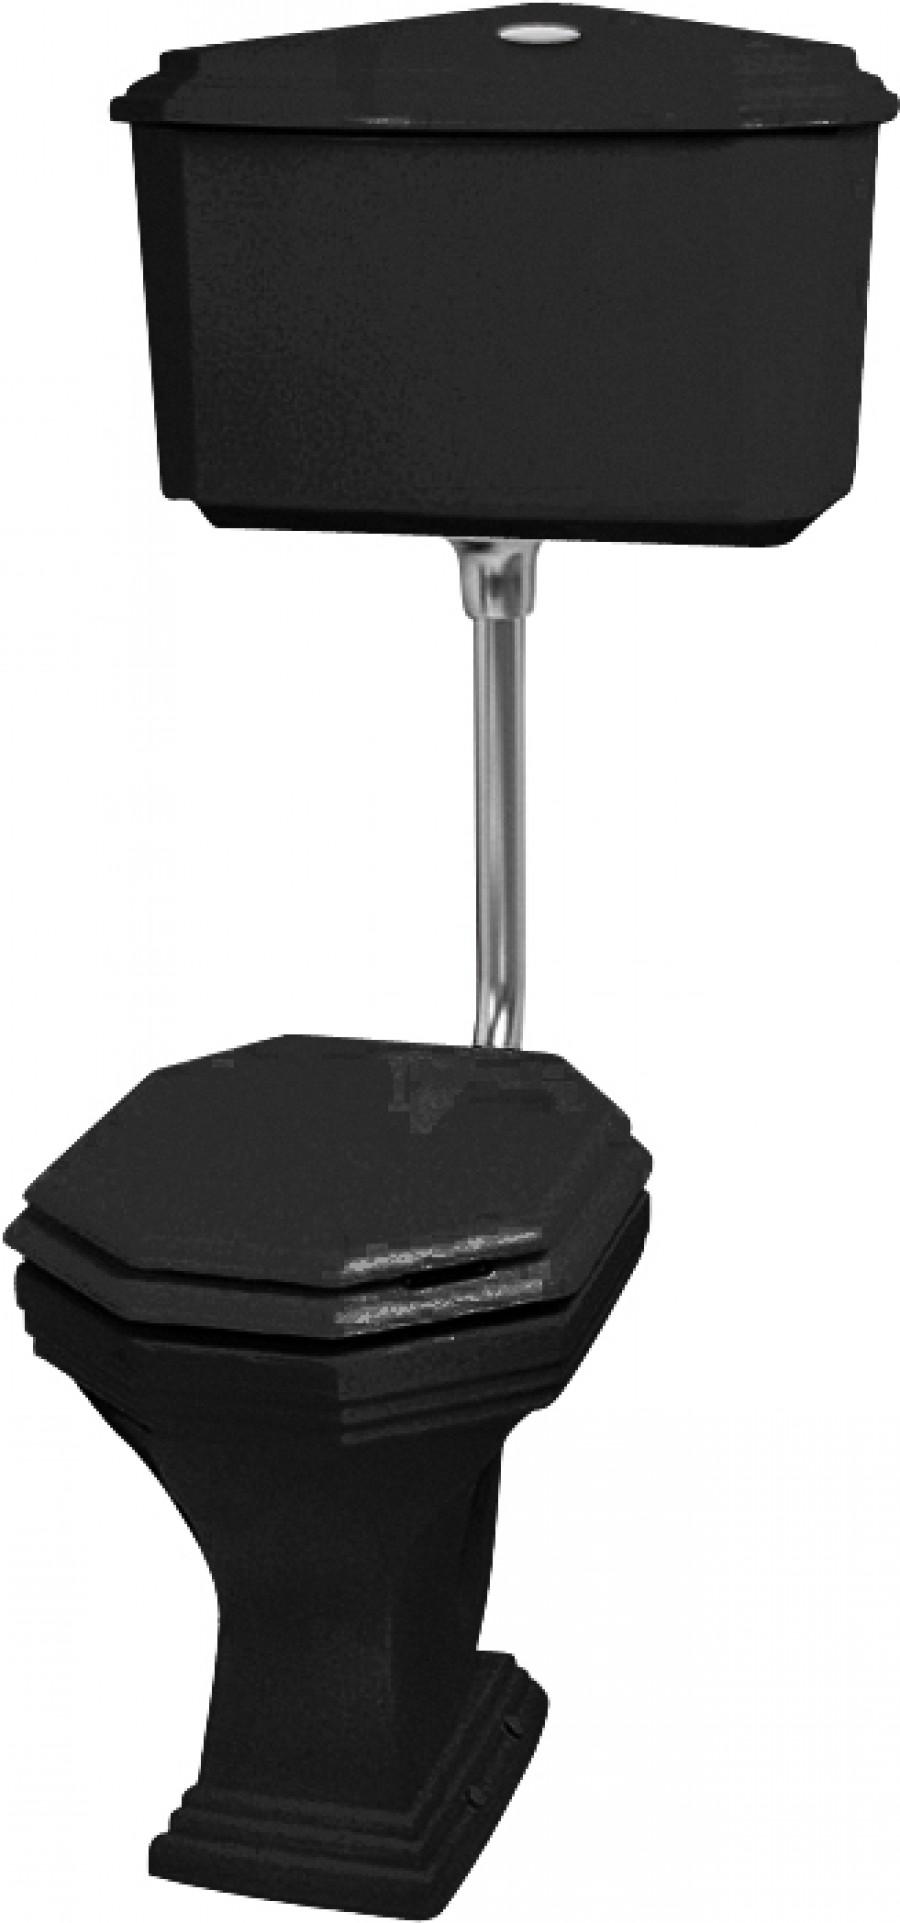 Cuvette WC noir avec réservoir mi-haut rétro Ascott sortie horizontale